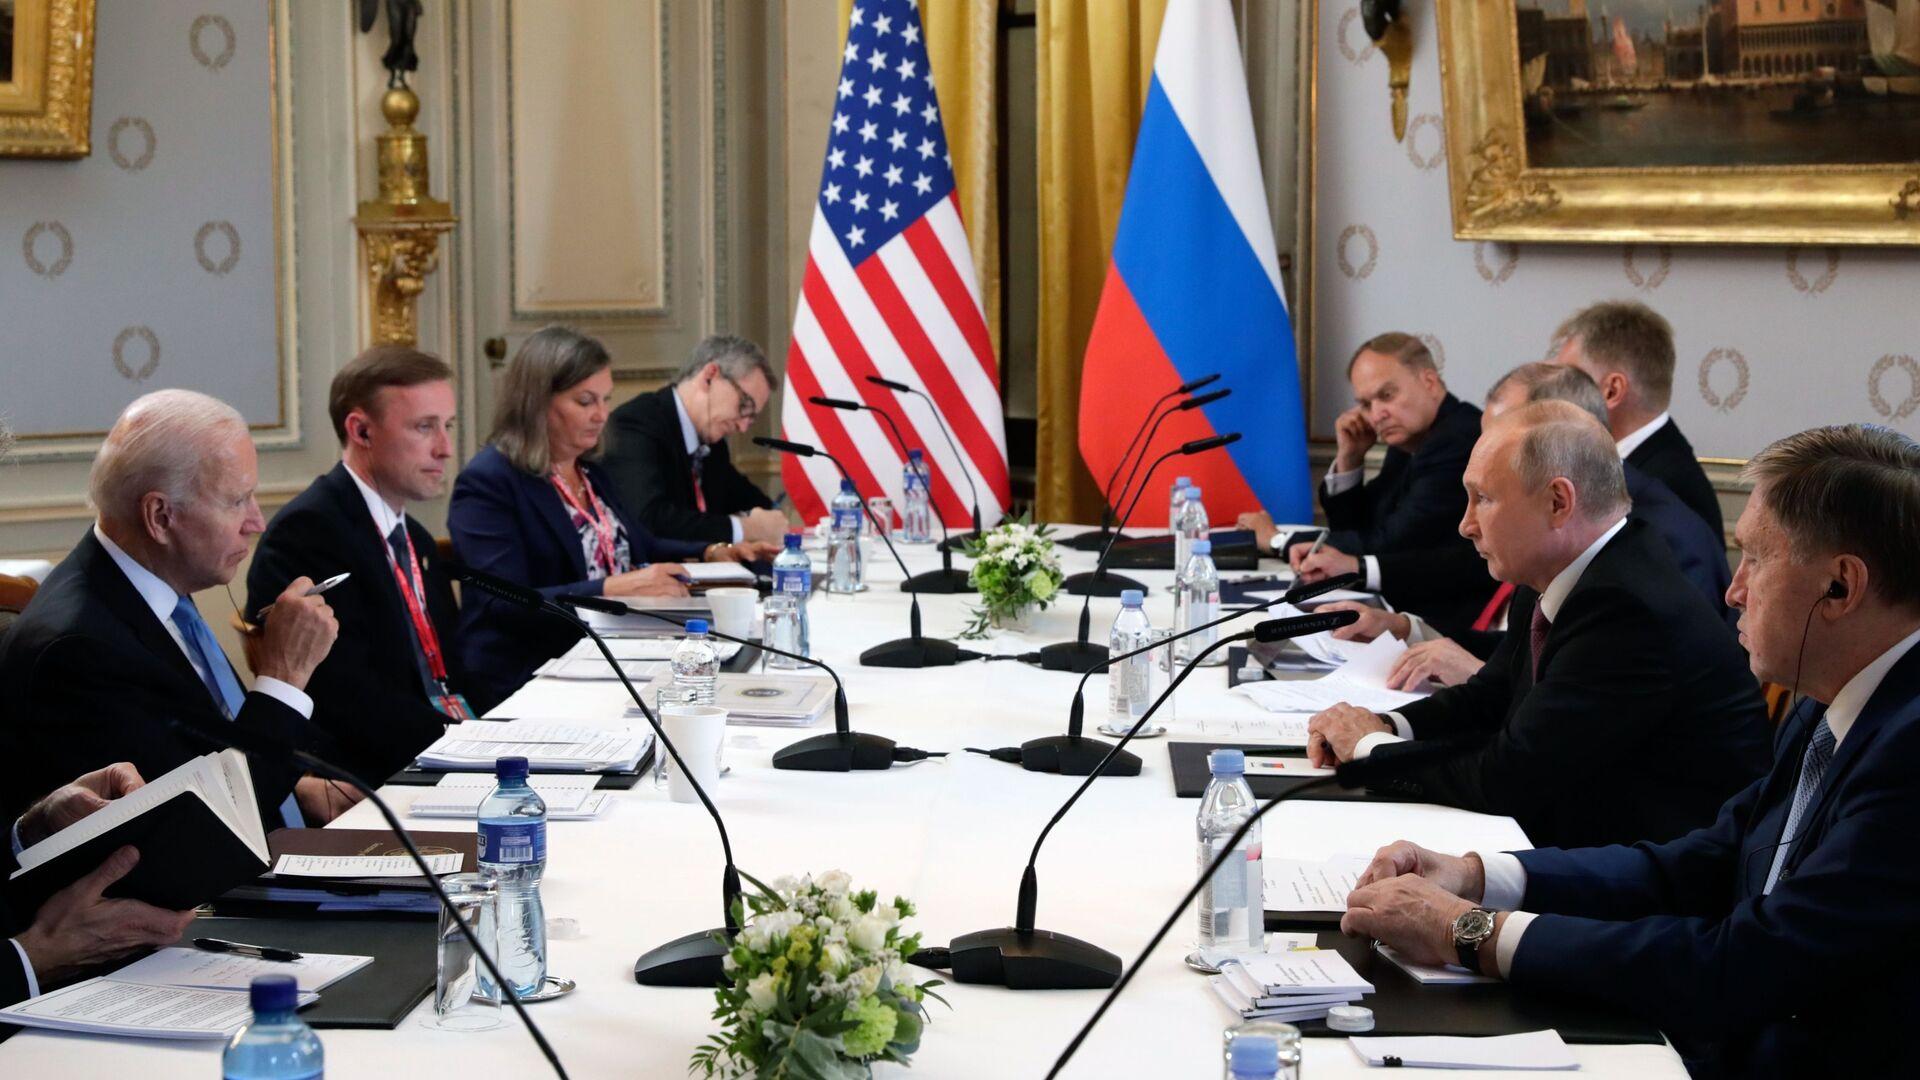 Rencontre de Poutine et Biden à comité élargi, 16 juin 2021 - Sputnik France, 1920, 24.06.2021